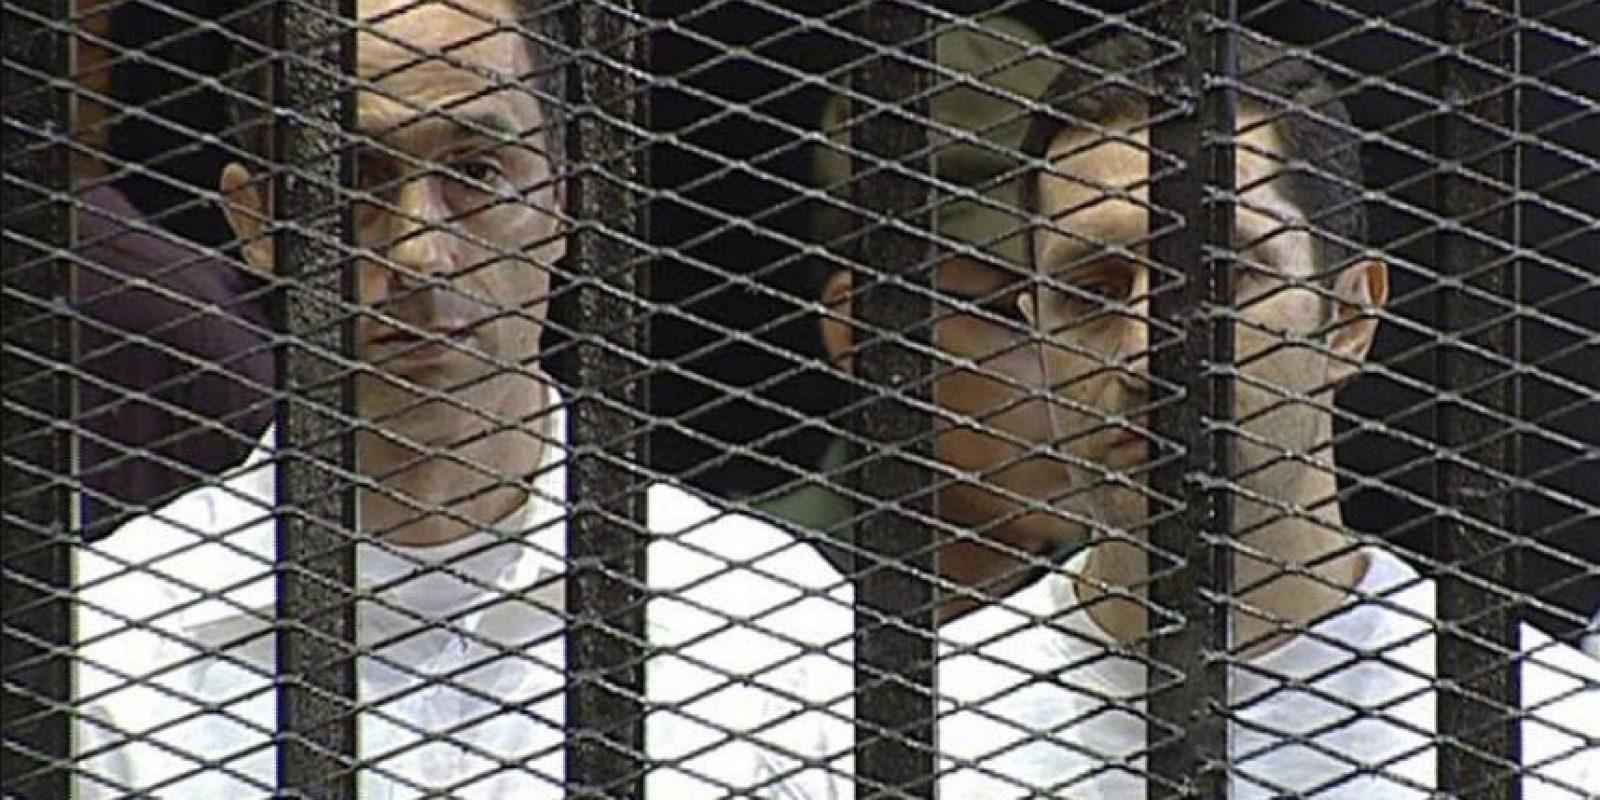 Imagen de archivo fechada el día 3 de agosto de 2011 en la que se ve a los hijos del ex presidente egipcio Hosni Mubarak Gamal (i) y Alaa (d), durante el juicio seguido contra ellos en El Cairo, Egipto. La sentencia contra el expresidente Mubarak, acusado de estar implicado en la matanza de manifestantes durante la revolución que le depuso en 2011, y en casos de corrupción, se dará a conocer el próximo 2 de junio, según la televisión estatal egipcia el día 22 de febrero de 2012. EFE